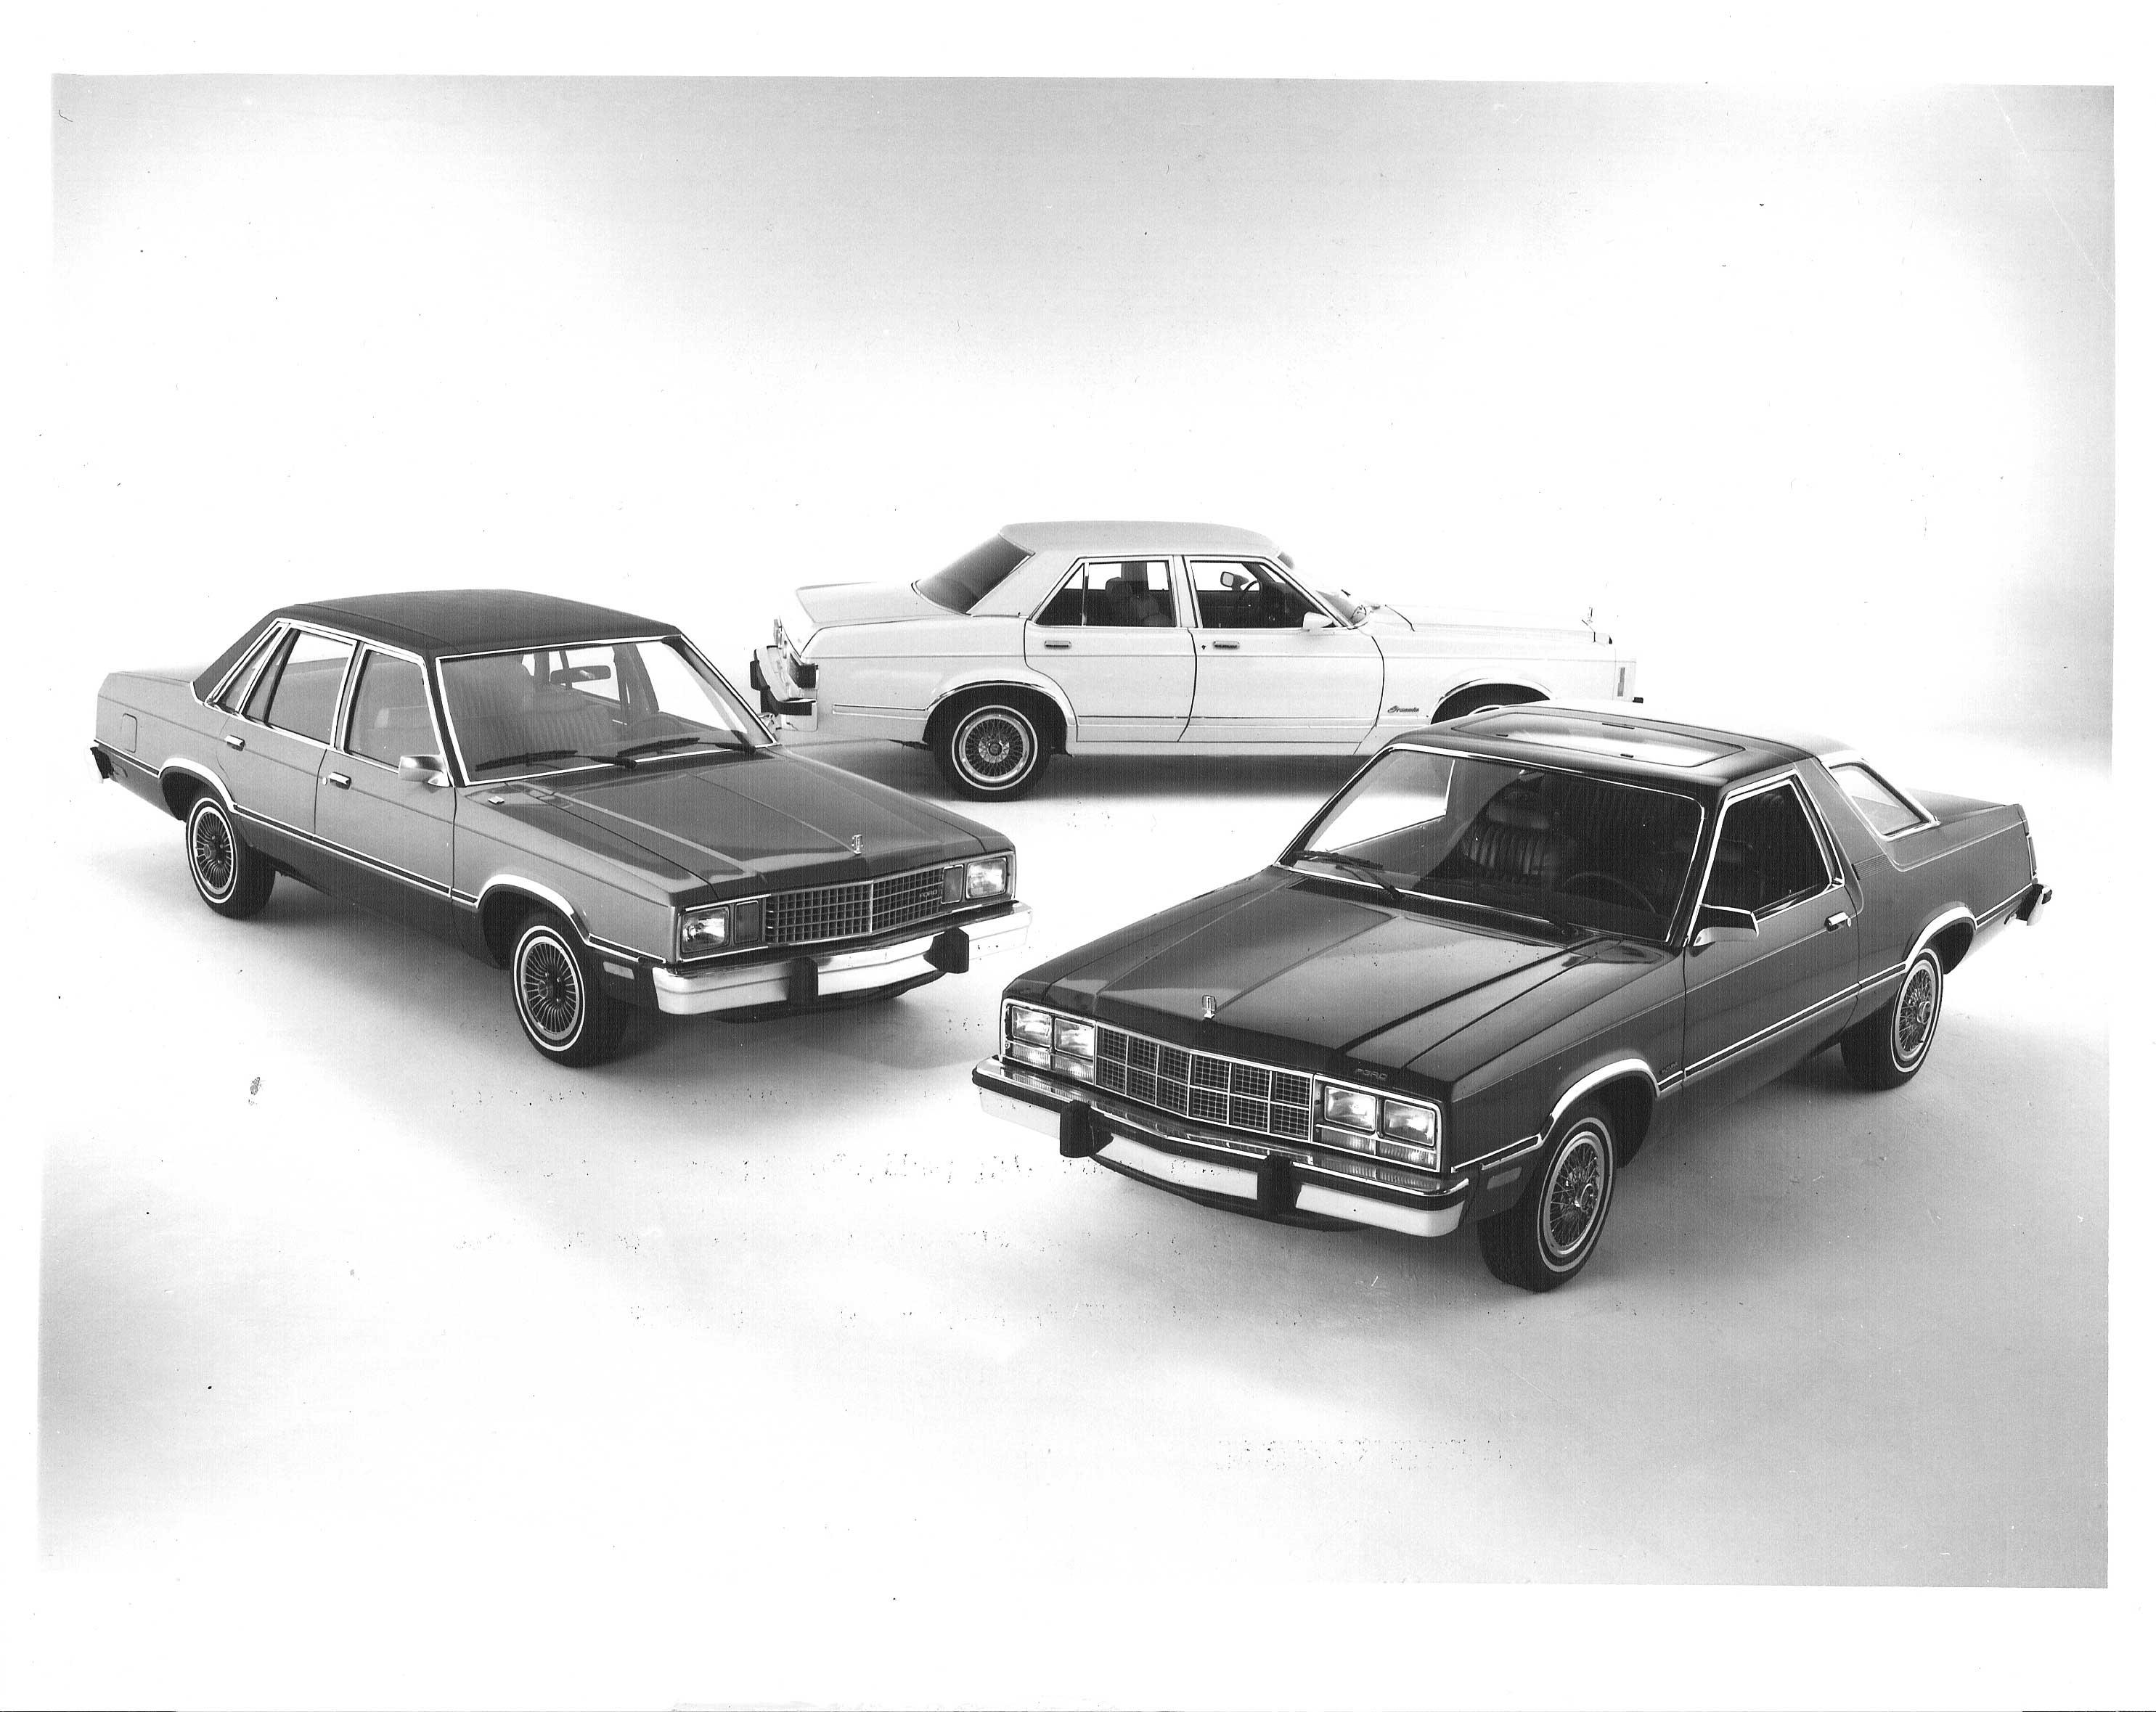 les plus belles photos de la Ford Fairmont Futura en version coupé et berline Ford_fairmont_futura_belle_photo_0001